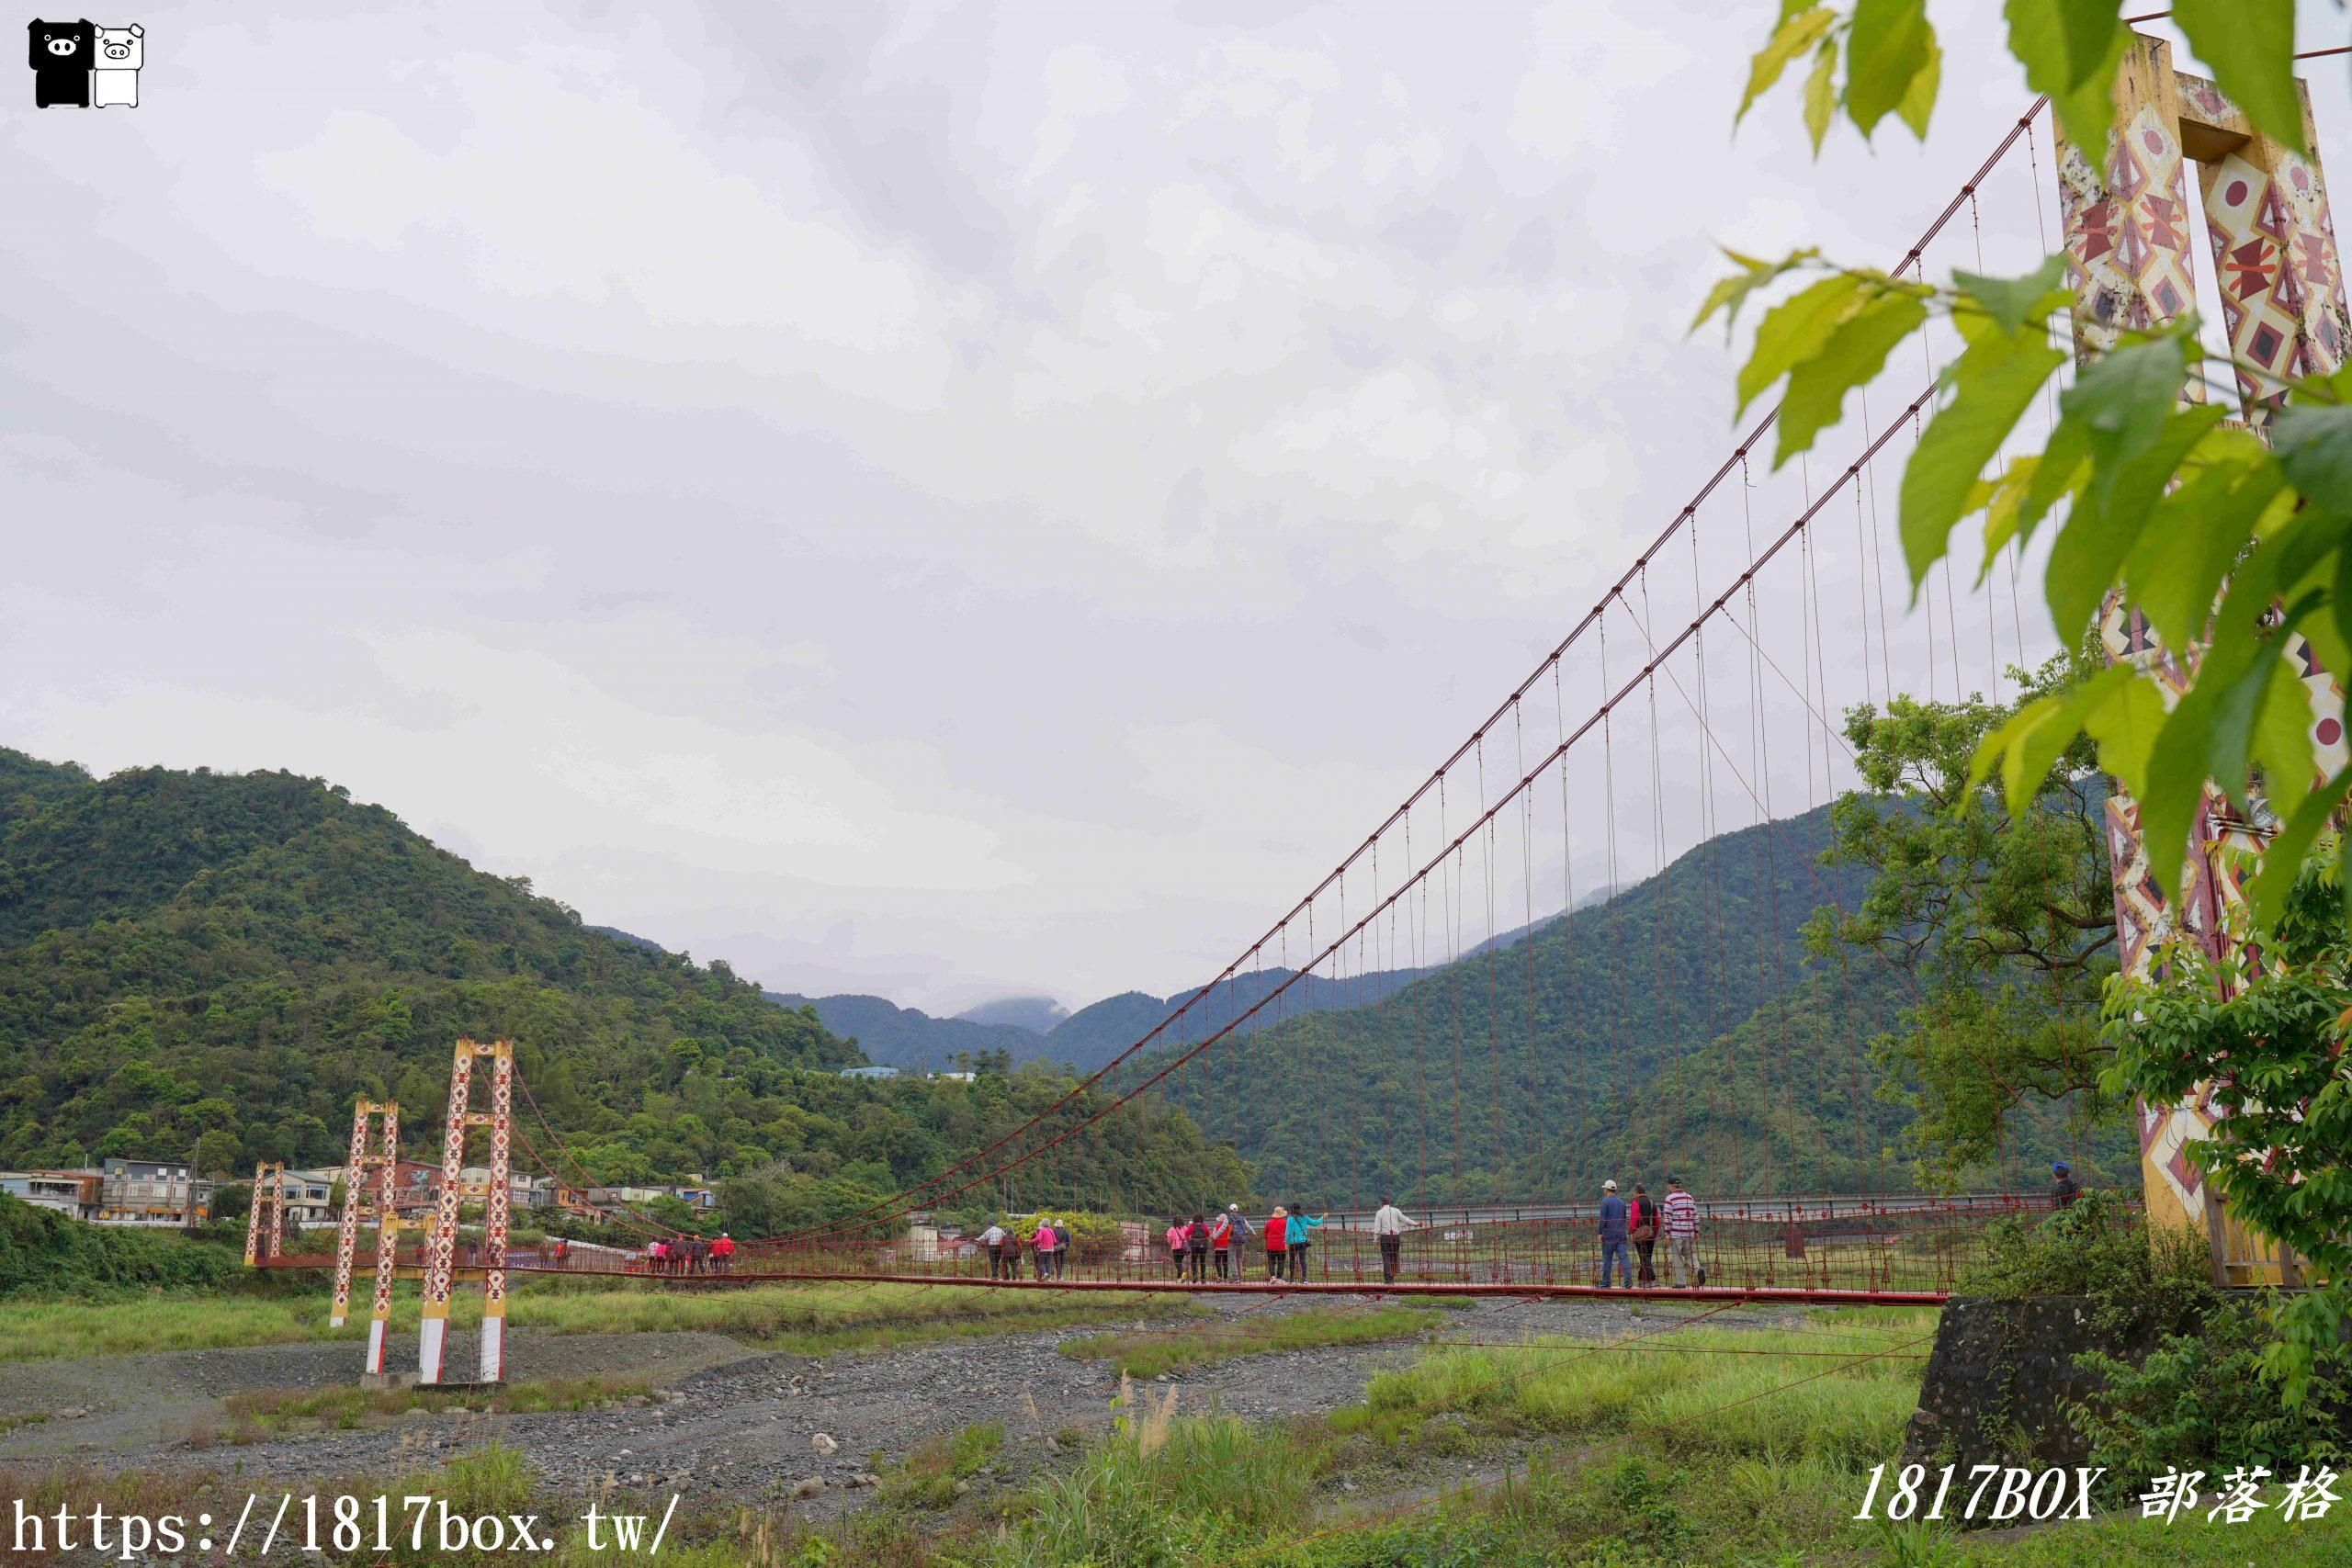 【宜蘭。大同】寒溪吊橋。宜蘭縣最長、最美的鋼索吊橋 @1817BOX部落格